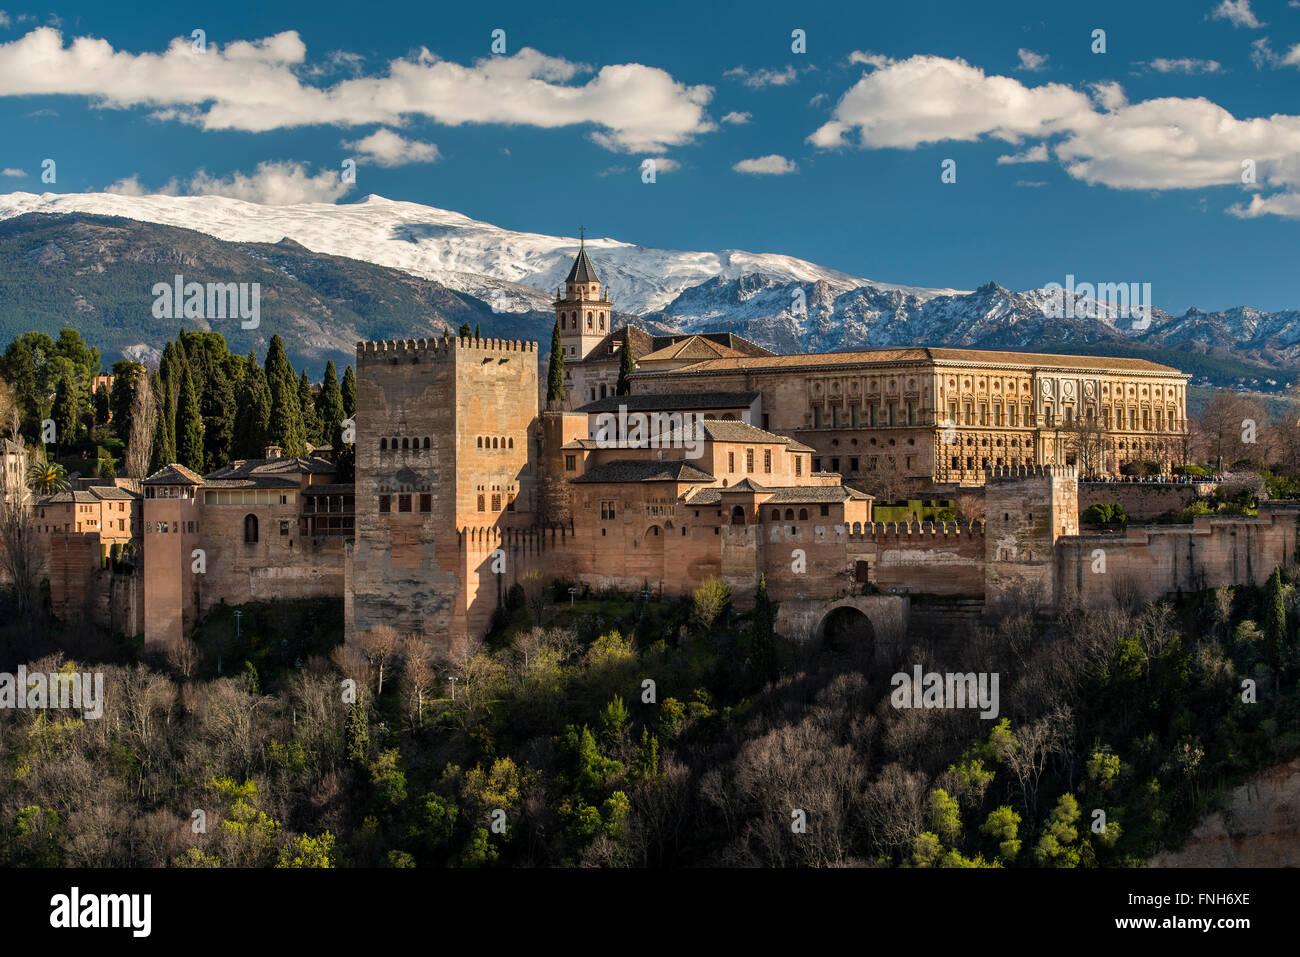 Alhambra-Palast mit der verschneiten Sierra Nevada im Hintergrund, Granada, Andalusien, Spanien Stockbild